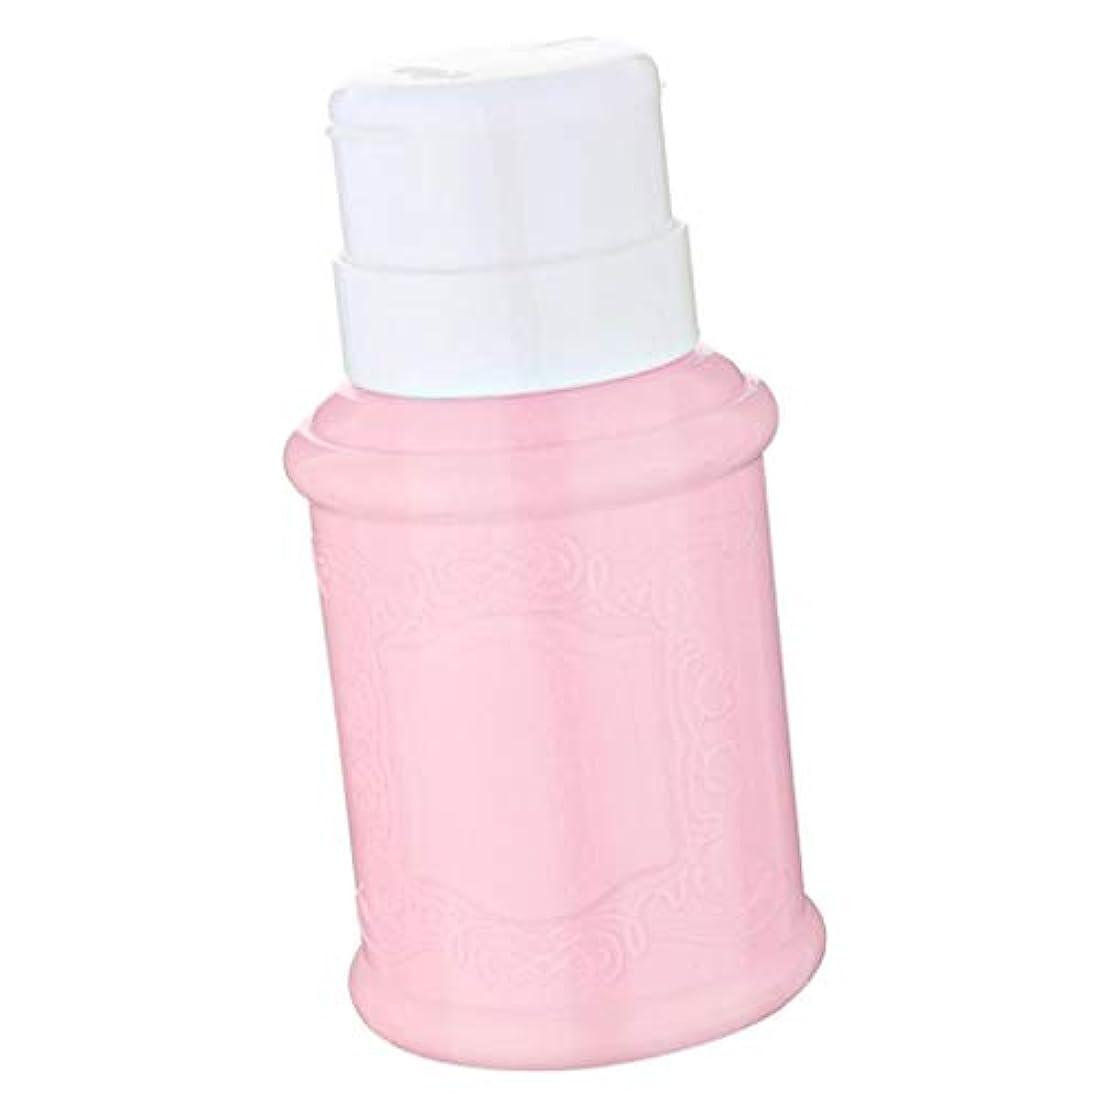 裸予防接種するその他ポンプディスペンサー ネイル リットル空ポンプ ネイルクリーナーボトル 全3色 - ピンク